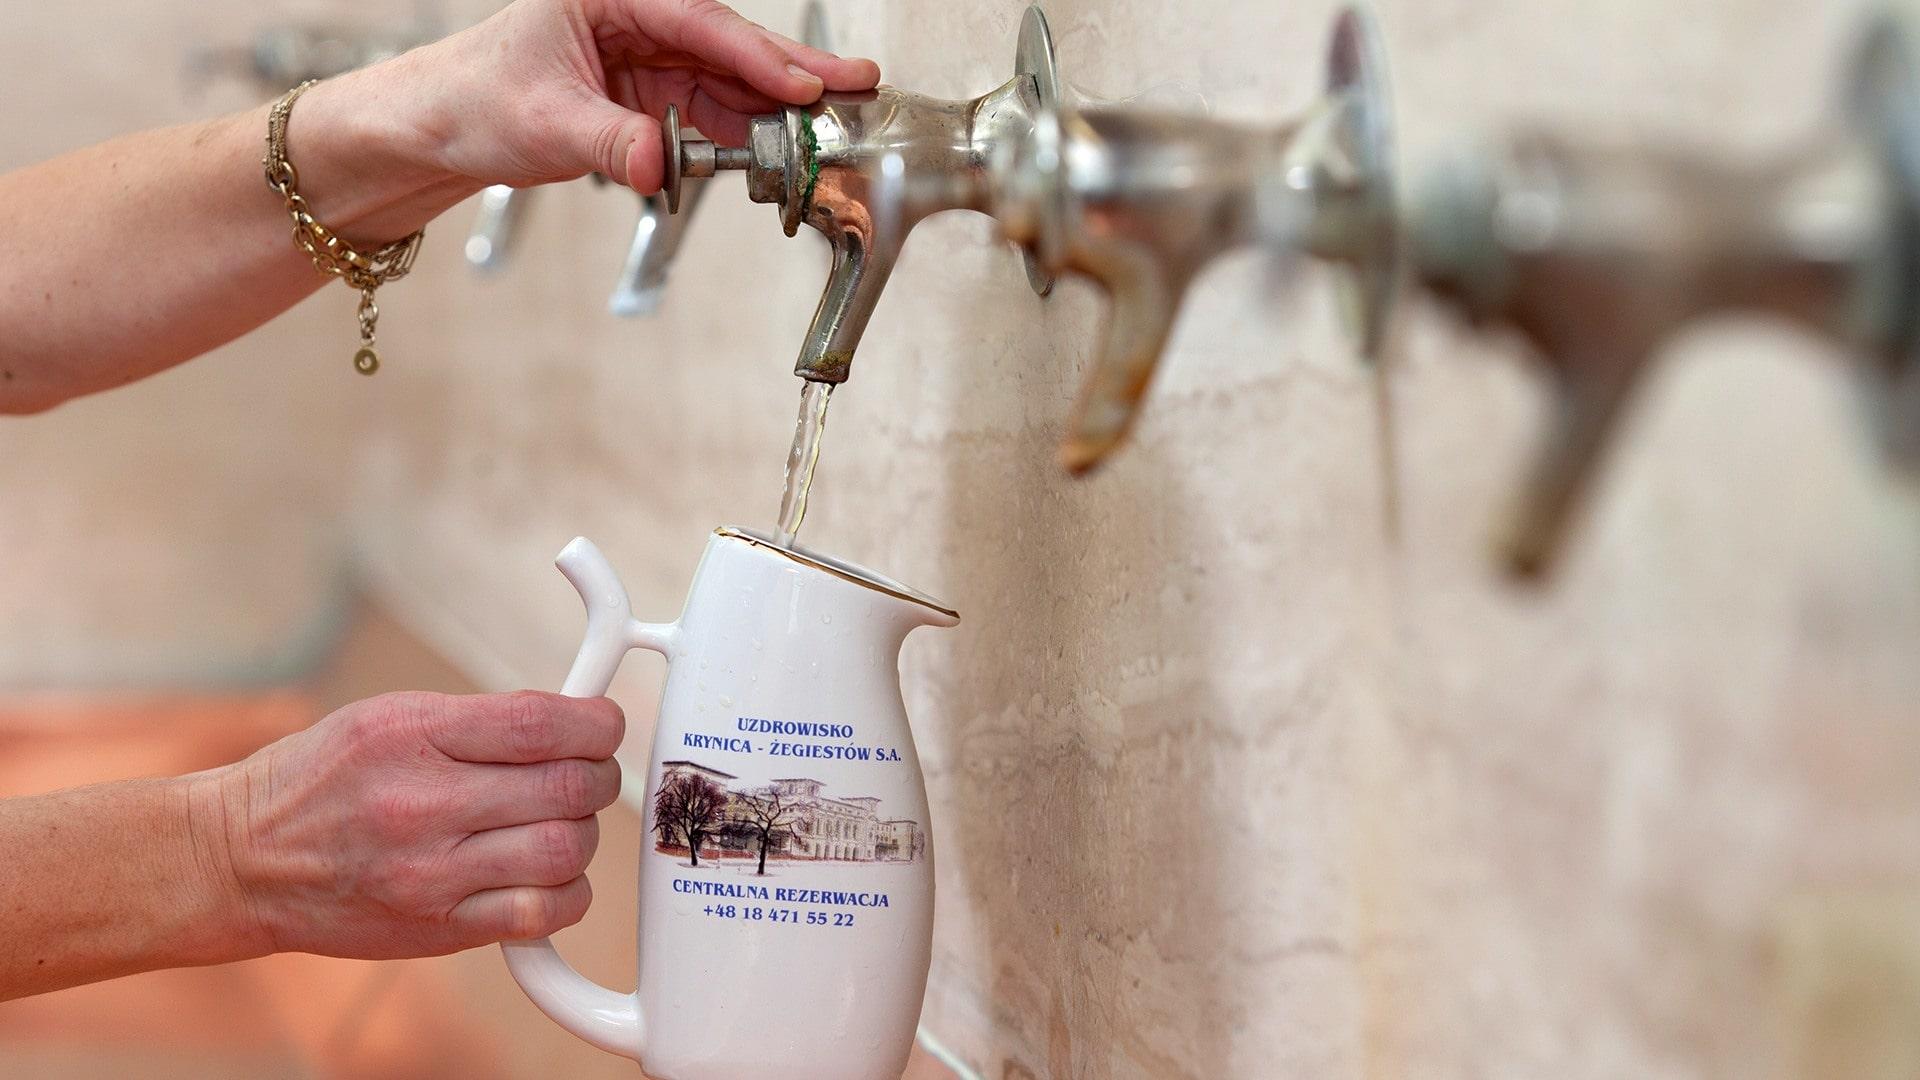 Wody Mineralne i Lecznicze w Pijalnia Główna w Krynicy-Zdroju